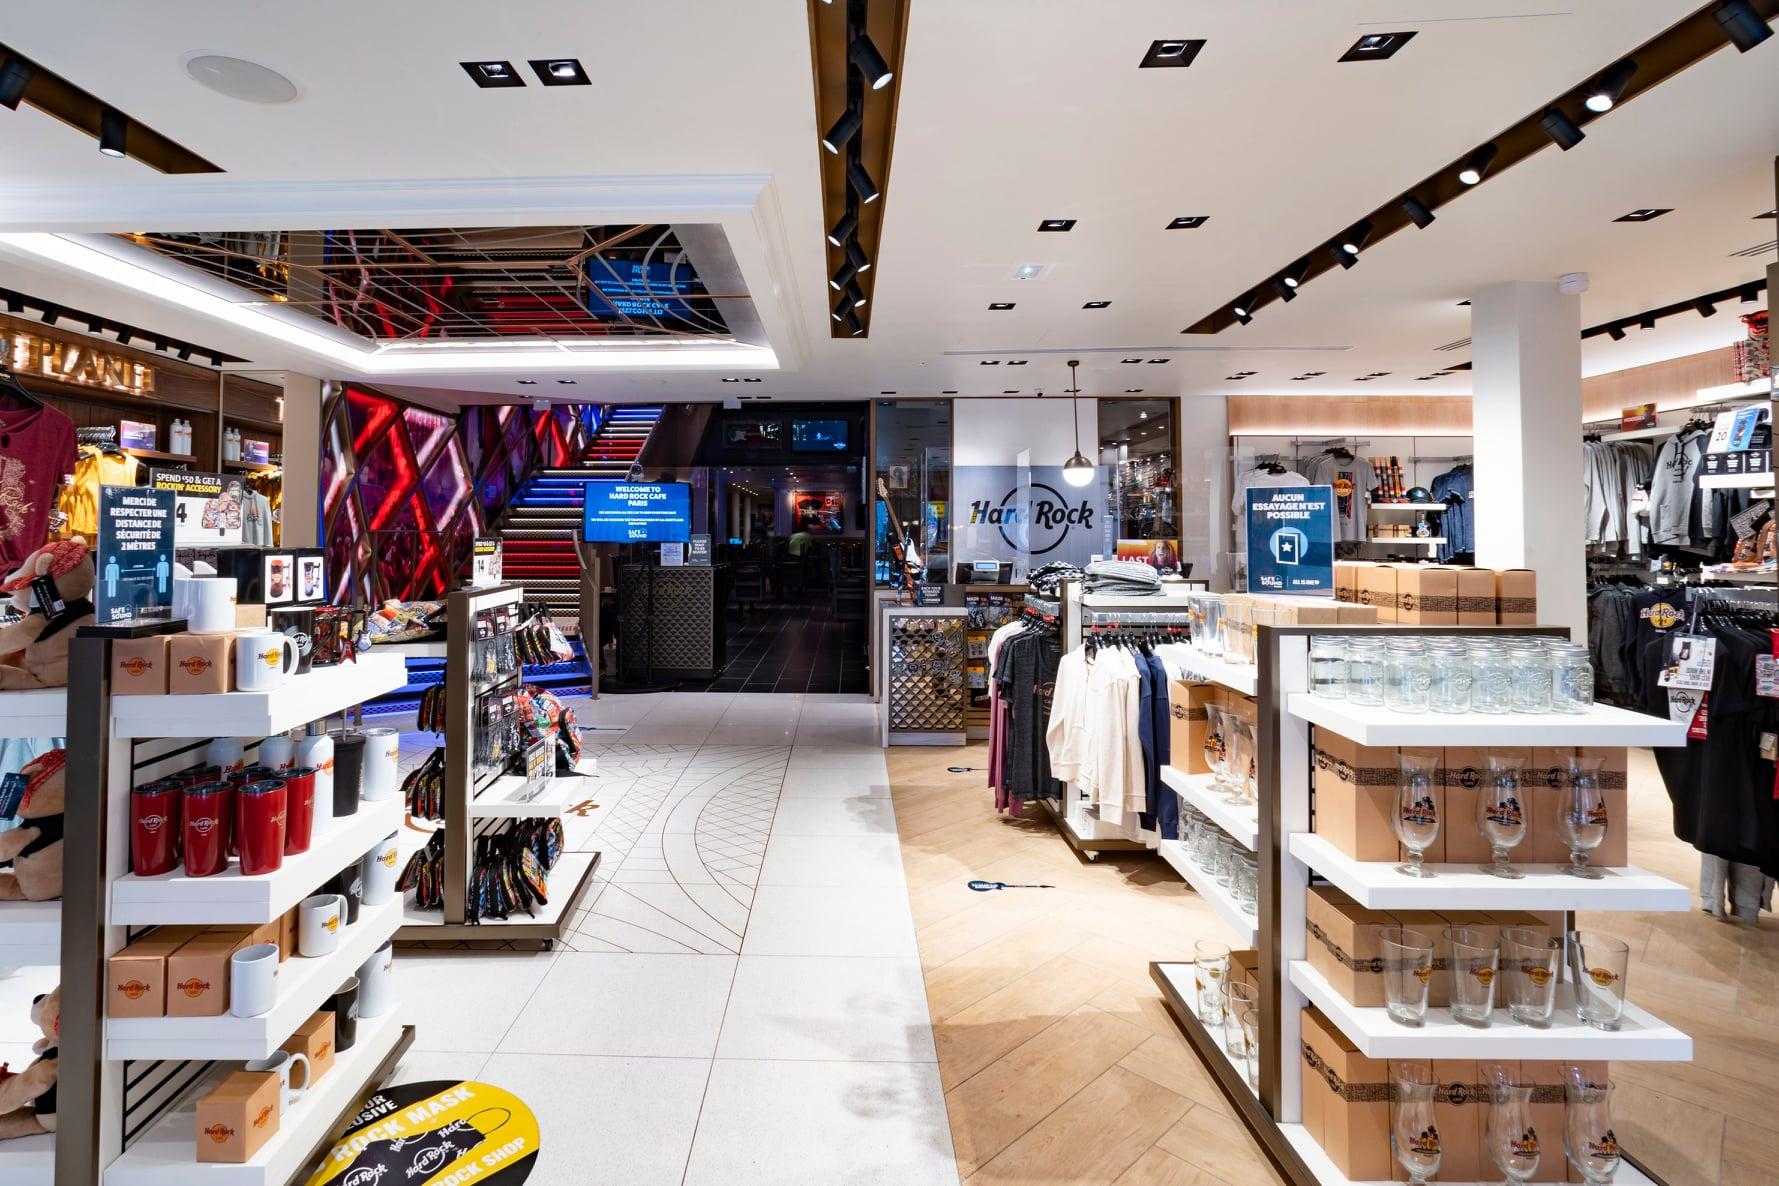 Hard Rock Cafe Paris - Nouvelle boutique Rock Shop